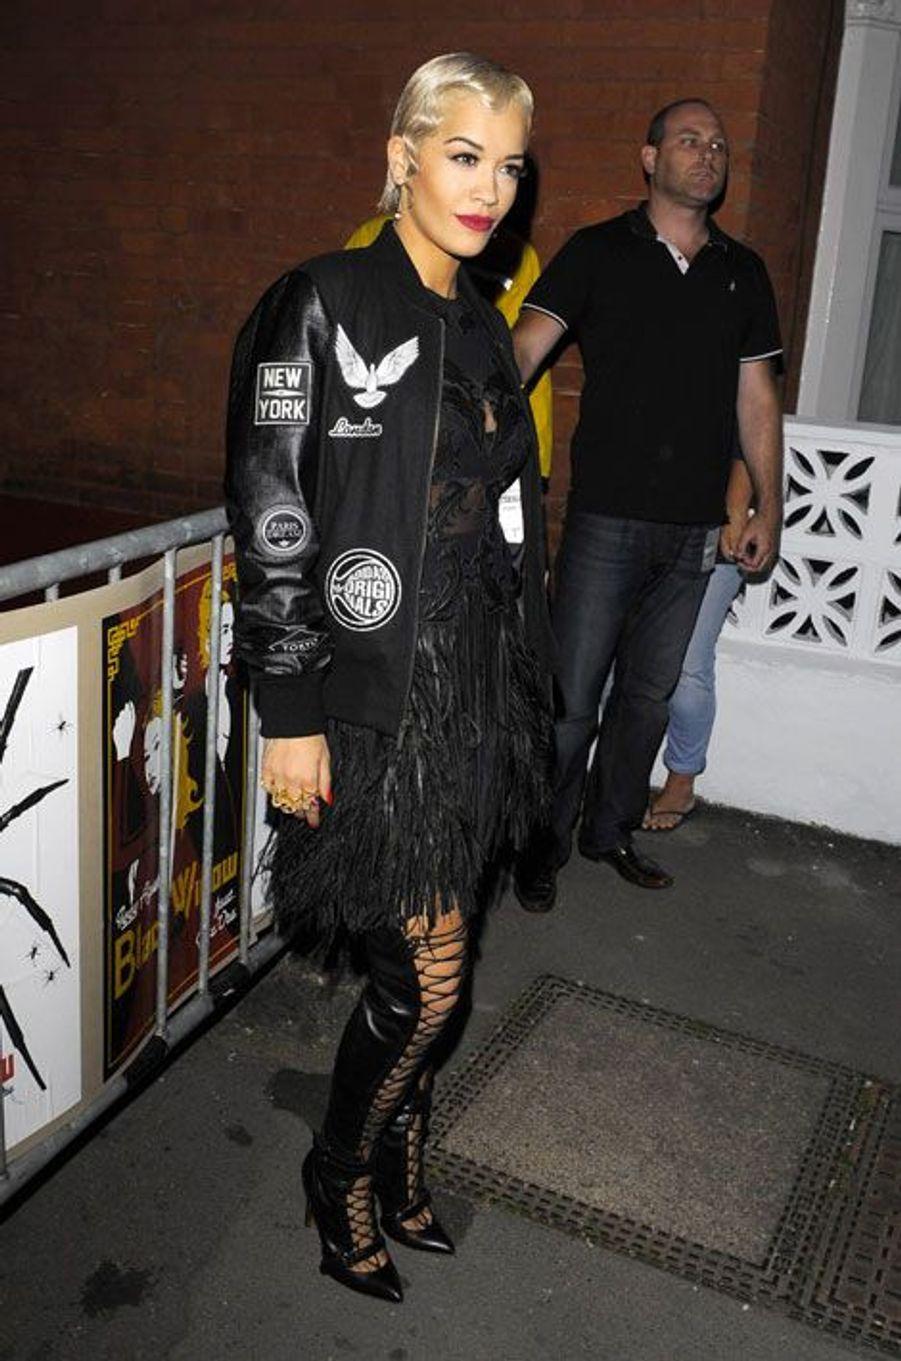 La chanteuse Rita Ora après un concert à Londres, le 17 septembre 2014